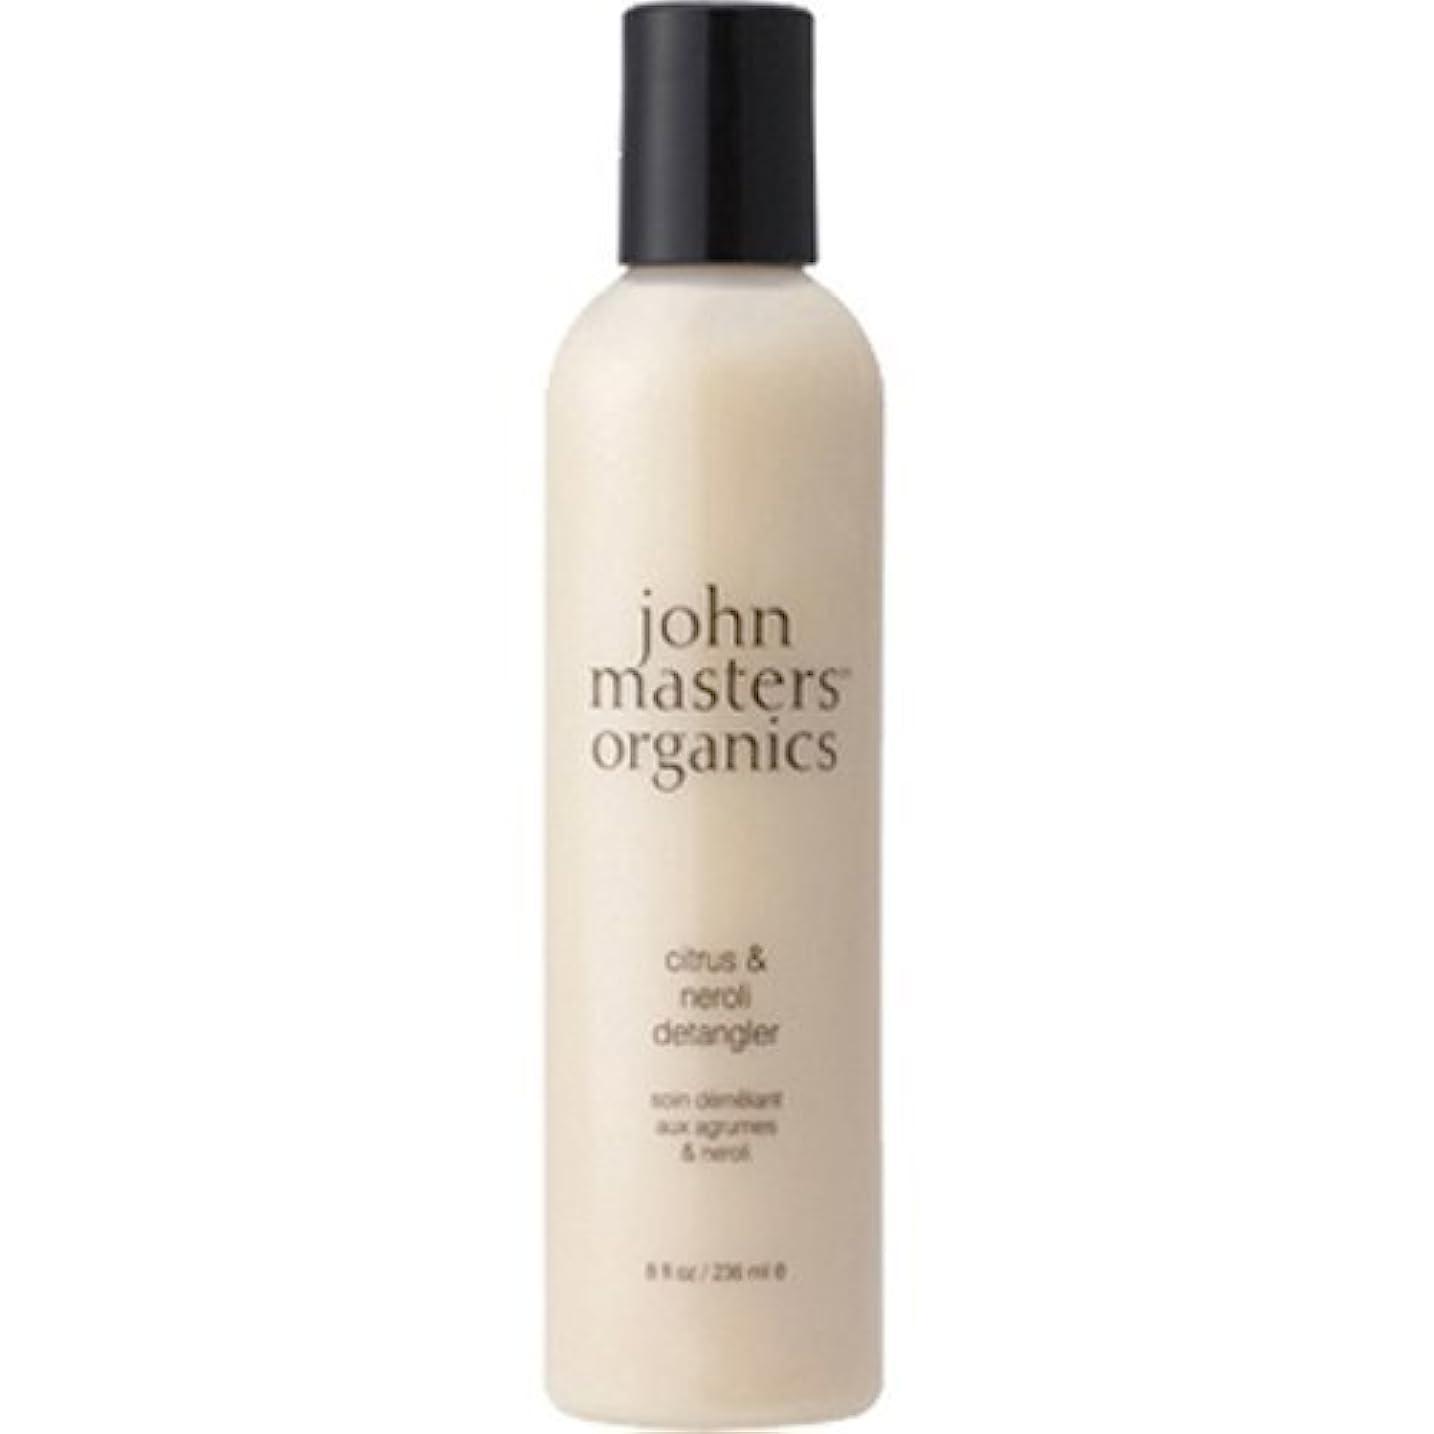 請求書勝利より多いJohn Masters Organics(ジョンマスターオーガニック) C&Nデタングラー(シトラス&ネロリ) 236ml(並行輸入品)